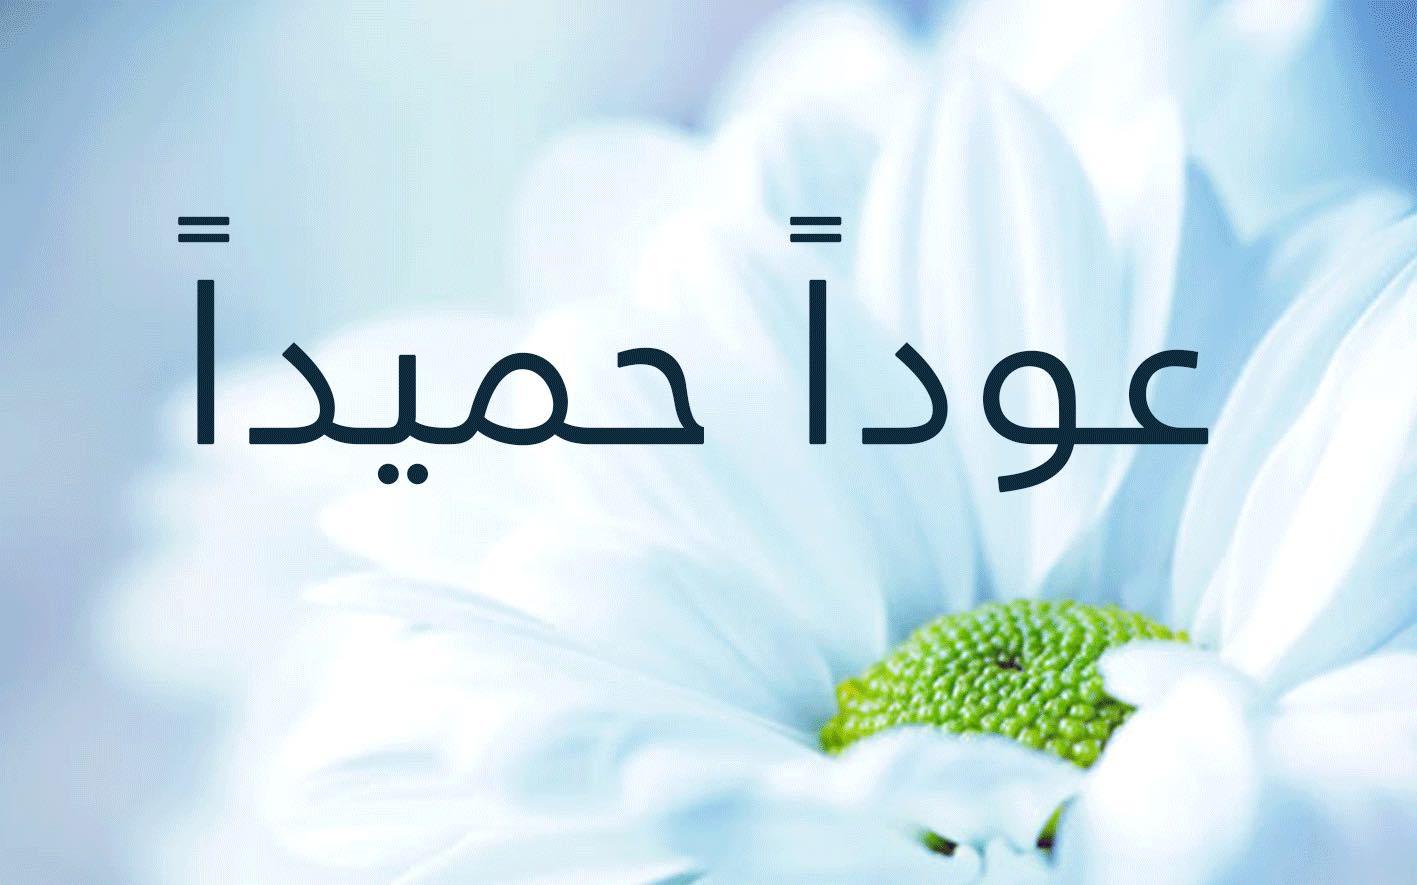 اذاعة مدرسية عن عودا حميدا